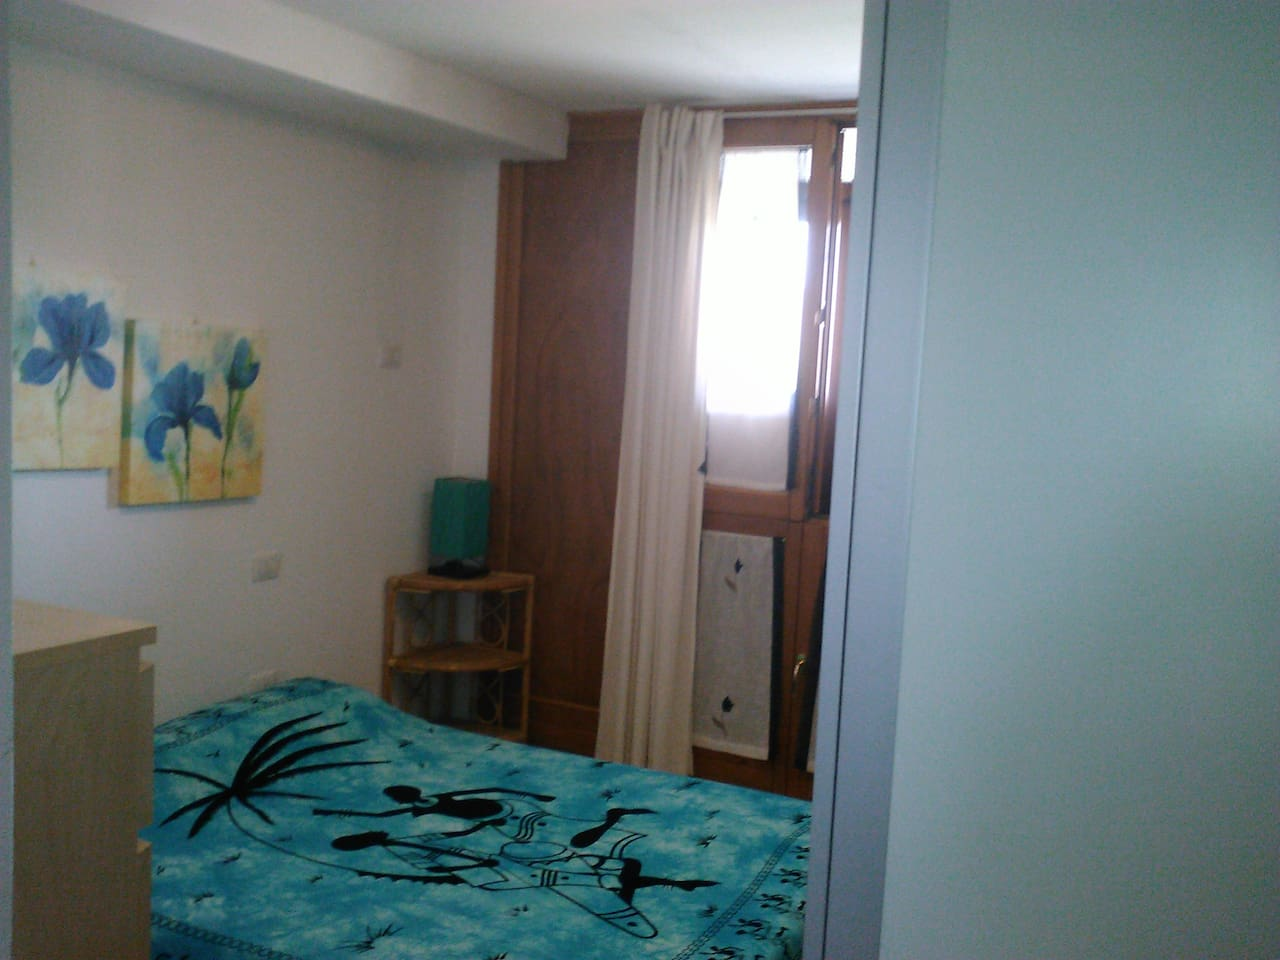 Camera da letto  matrimoniale (1° foto)